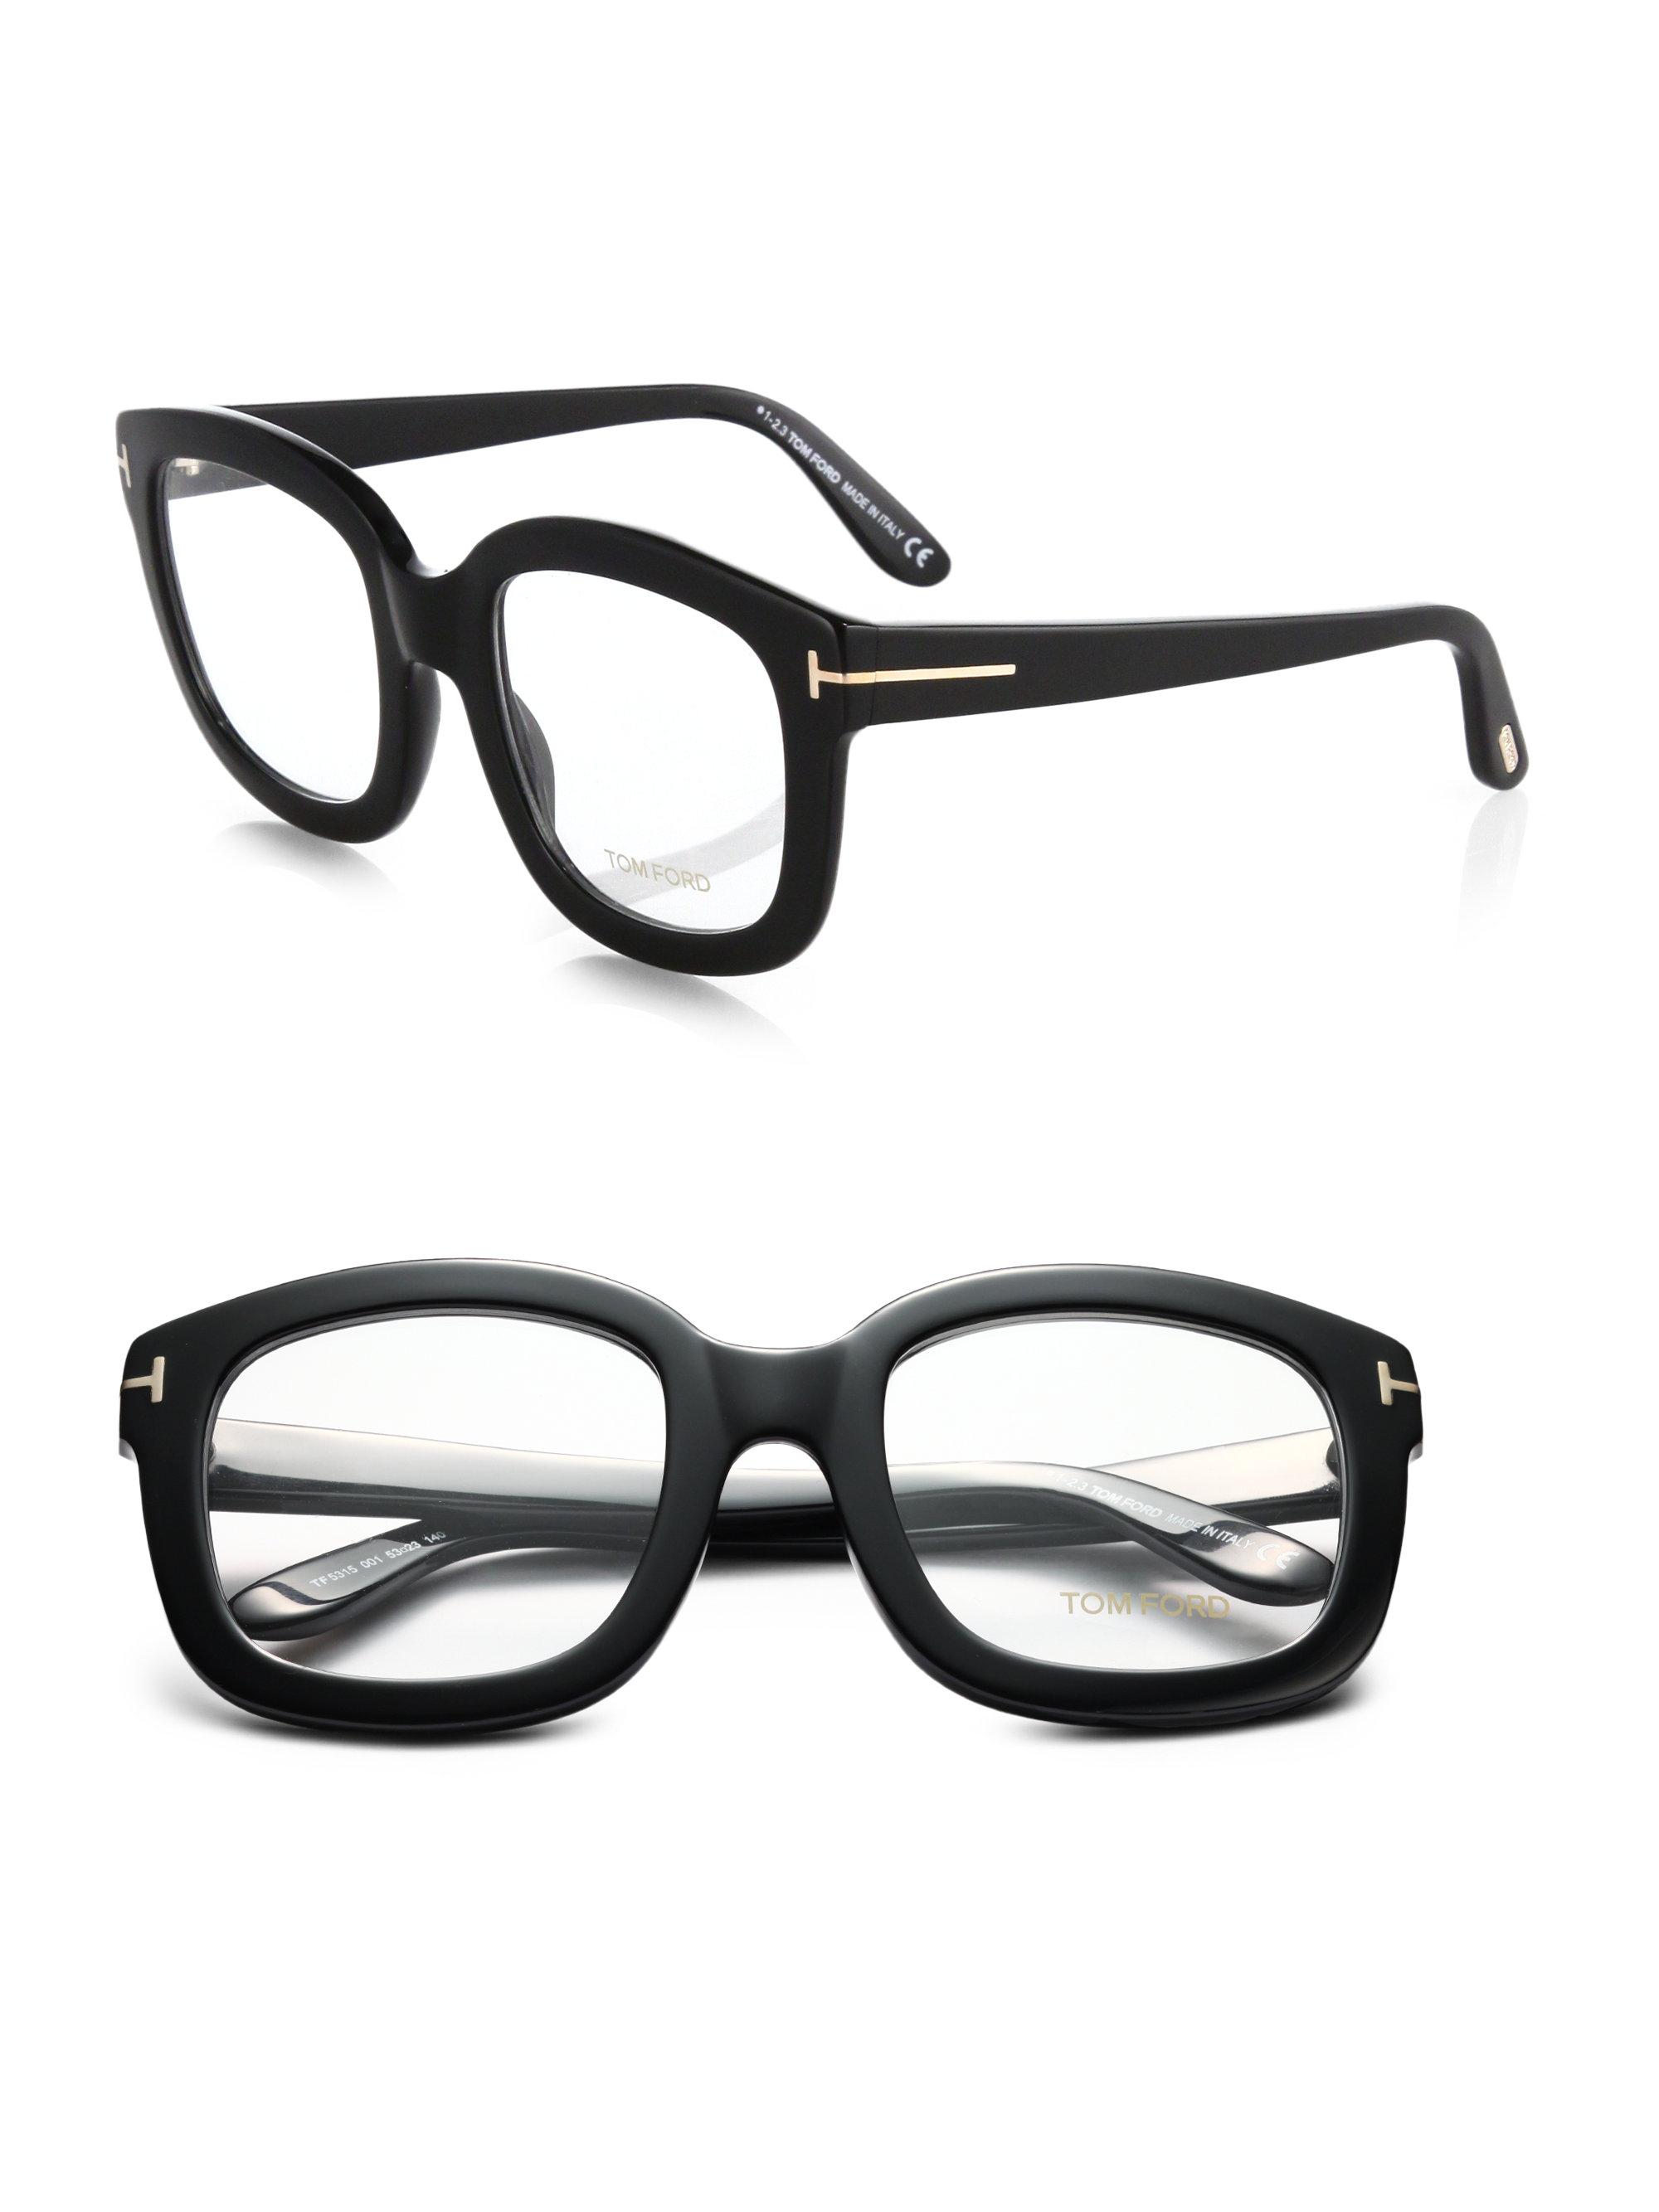 Tom Ford Oversized Acetate Eye Glasses In Black Lyst